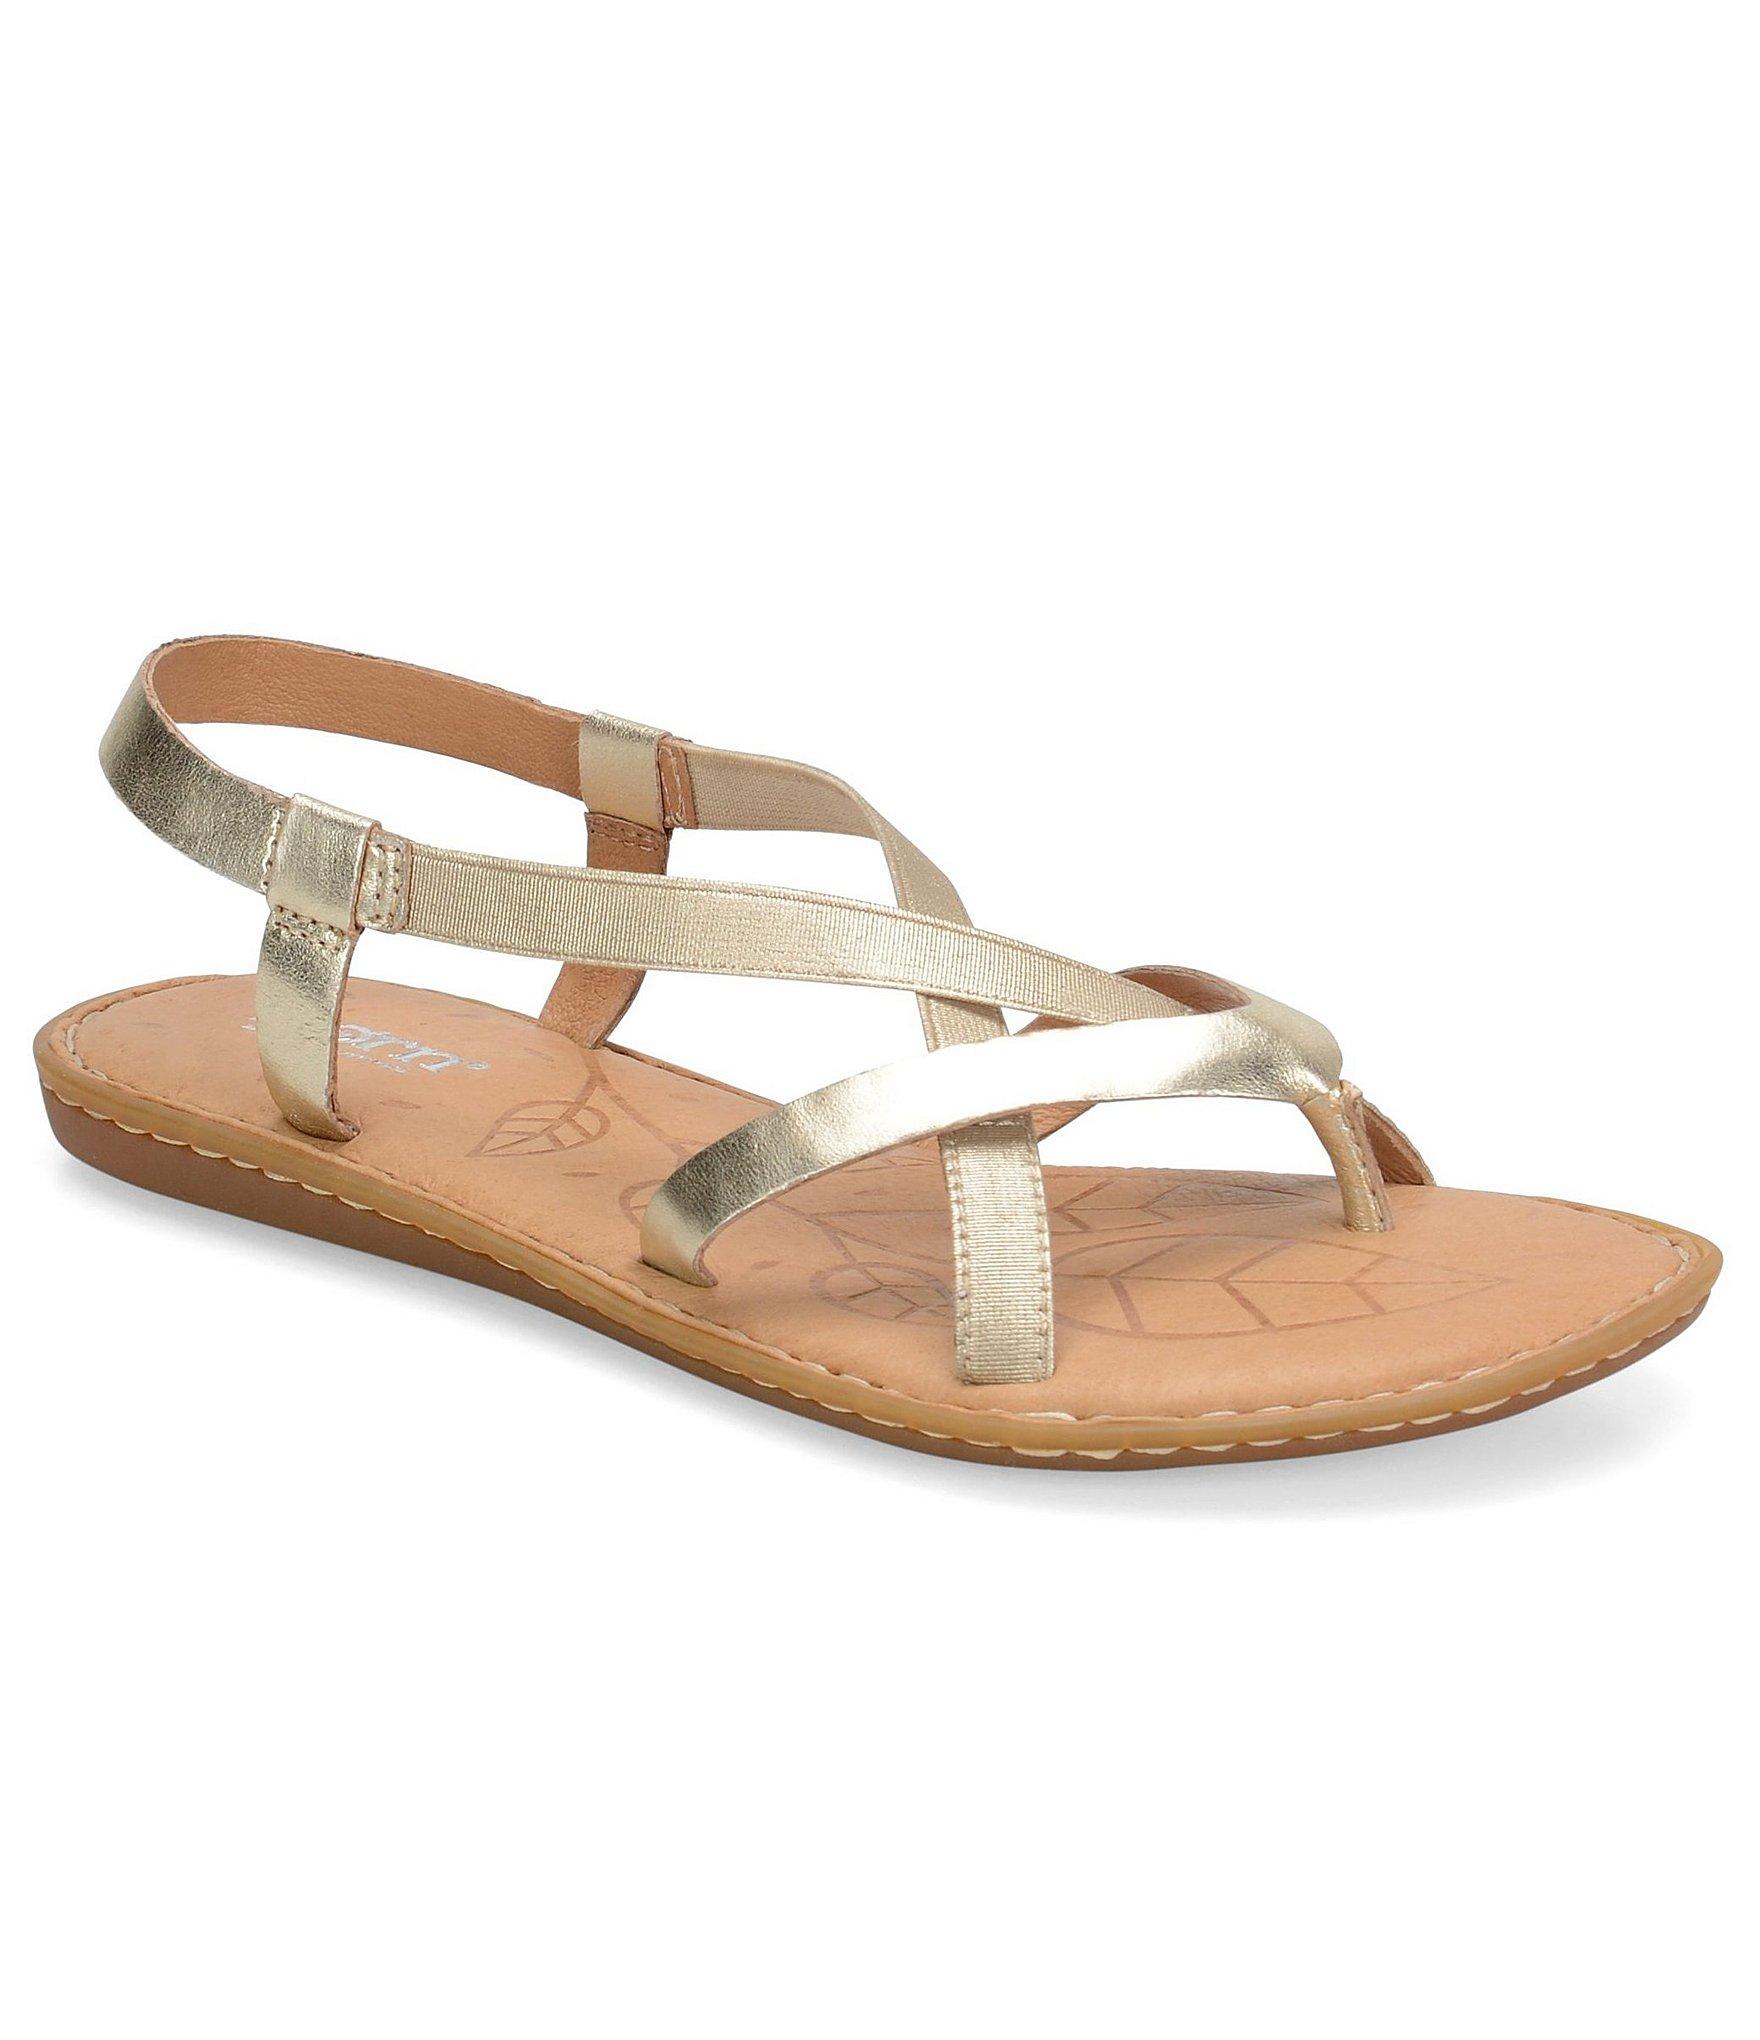 9bf0a33ca70e Lyst - Born Taj Metallic Crisscross Strap Sandals in Metallic